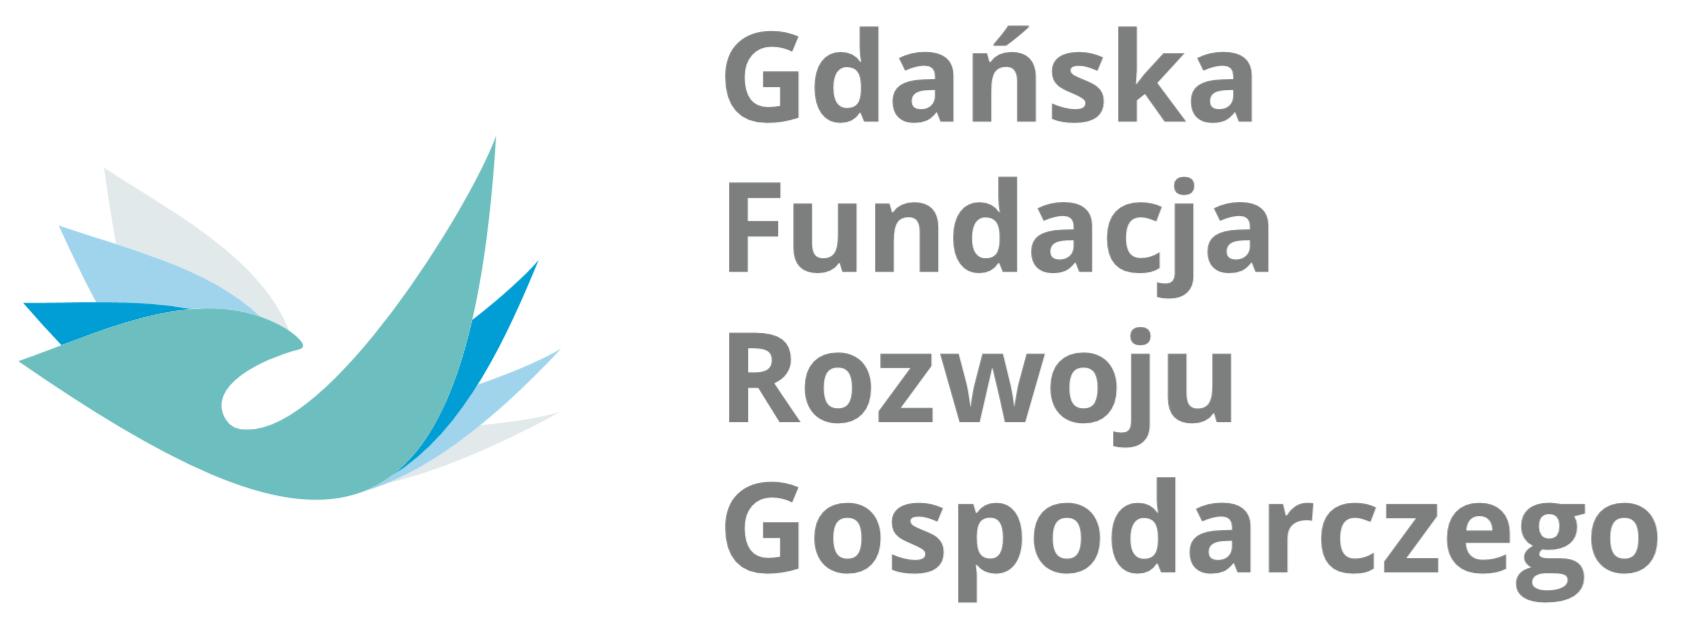 Dofinansowano ze środków Gdańskiej Fundacji Rozwoju Gospodarczego.